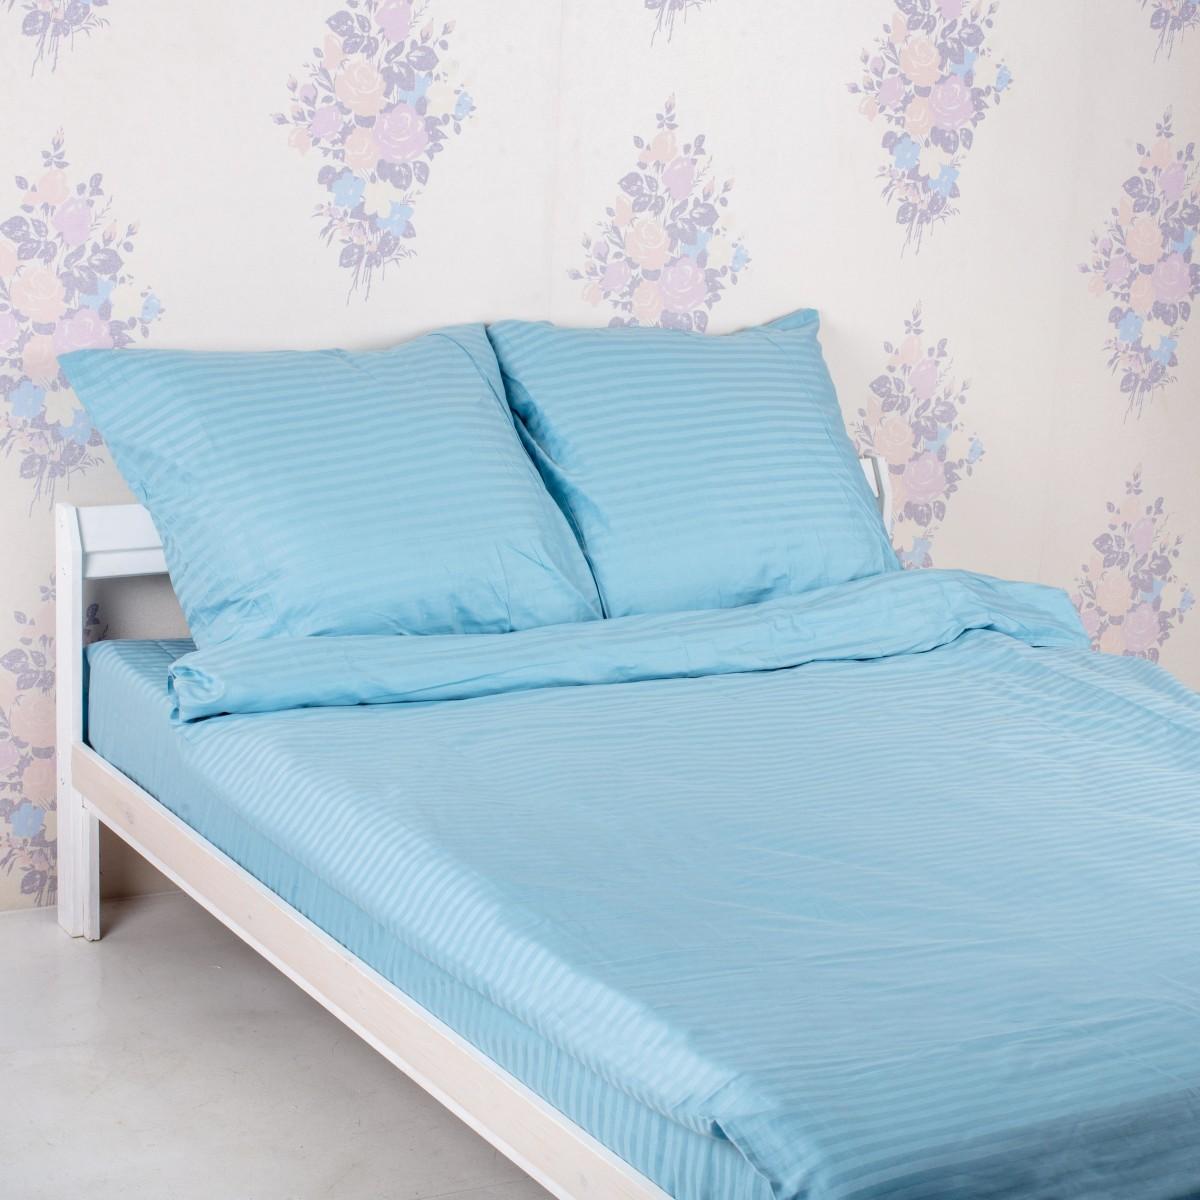 Комплект постельного белья 37 Текстиль Голубой Голубой полутораспальный сатин